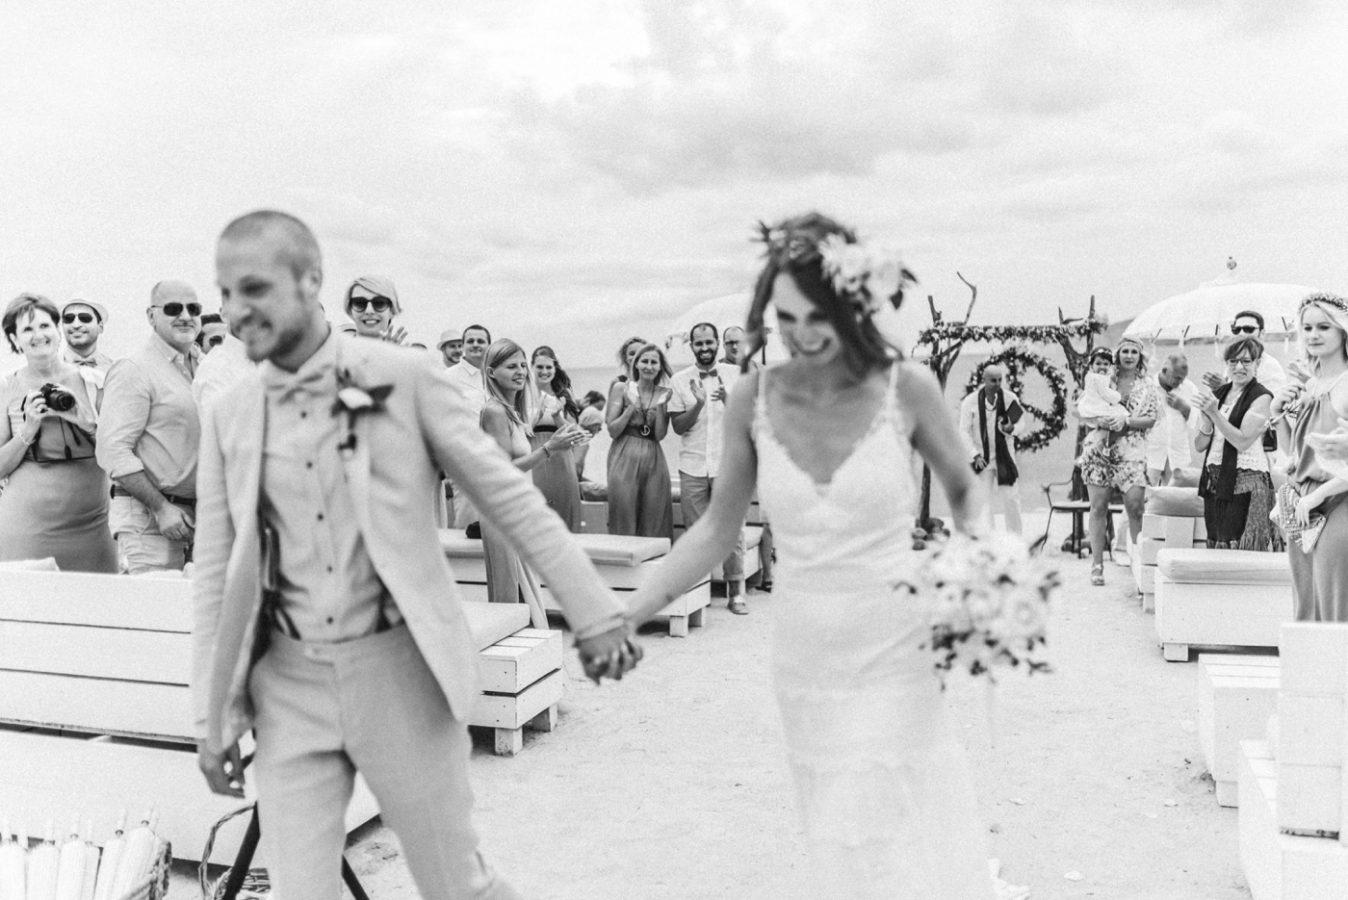 Fotos HochzeitsreportagenFotoshochzeit hochzeitsfotograf international cologne ibiza mallorca 0862